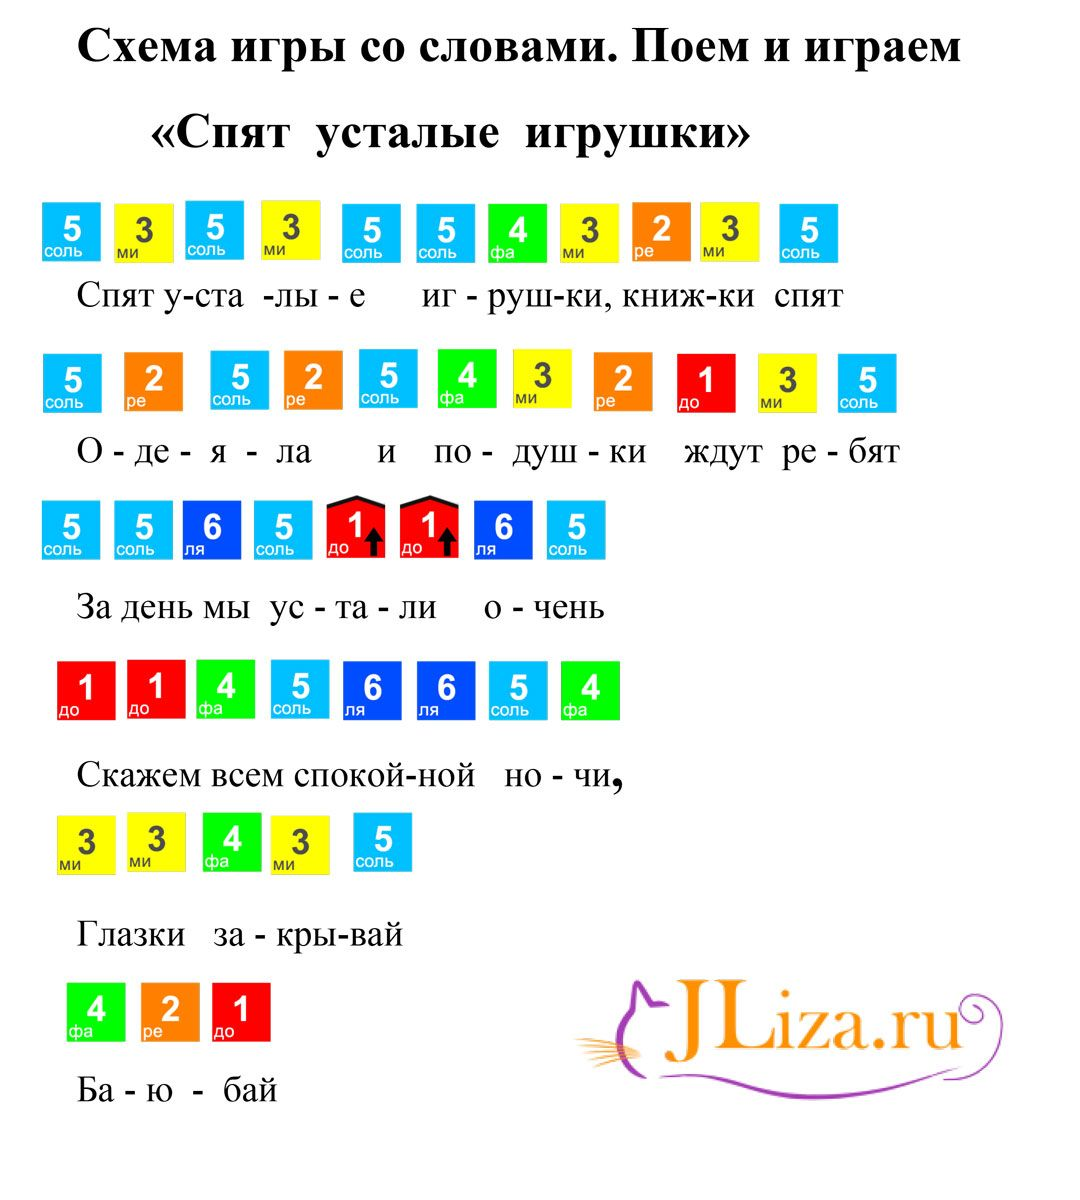 Spyat Ustalye Igrushki Noty Pianino Pesni Noty